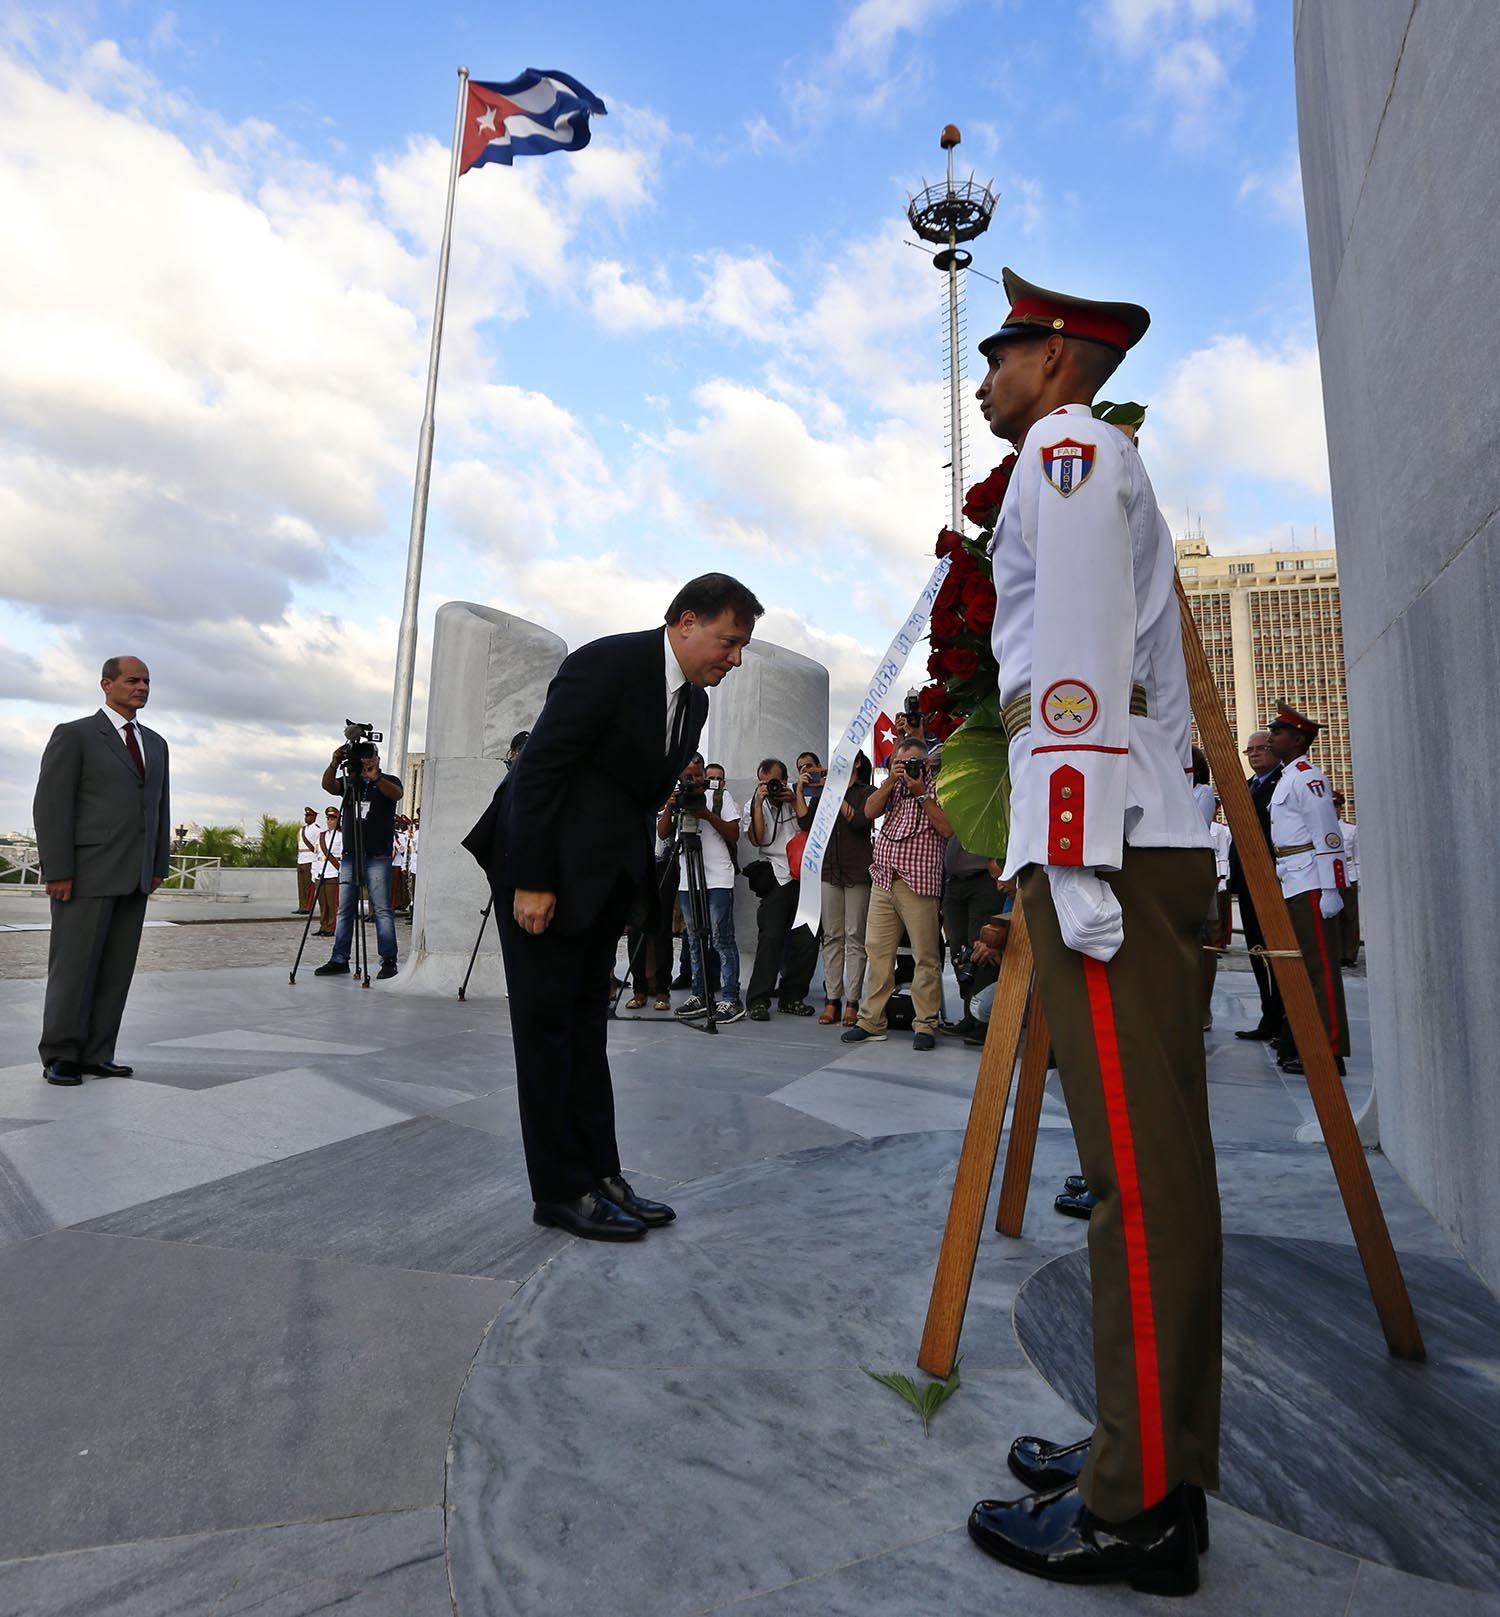 El presidente de Panamá, Juan Carlos Varela (c), rinde tributo a José Martí con una ofrenda floral en el memorial en honor del héroe cubano en la Plaza de la Revolución, en La Habana, este lunes 29 de octubre de 2018. Foto: Ernesto Mastrascusa / EFE.